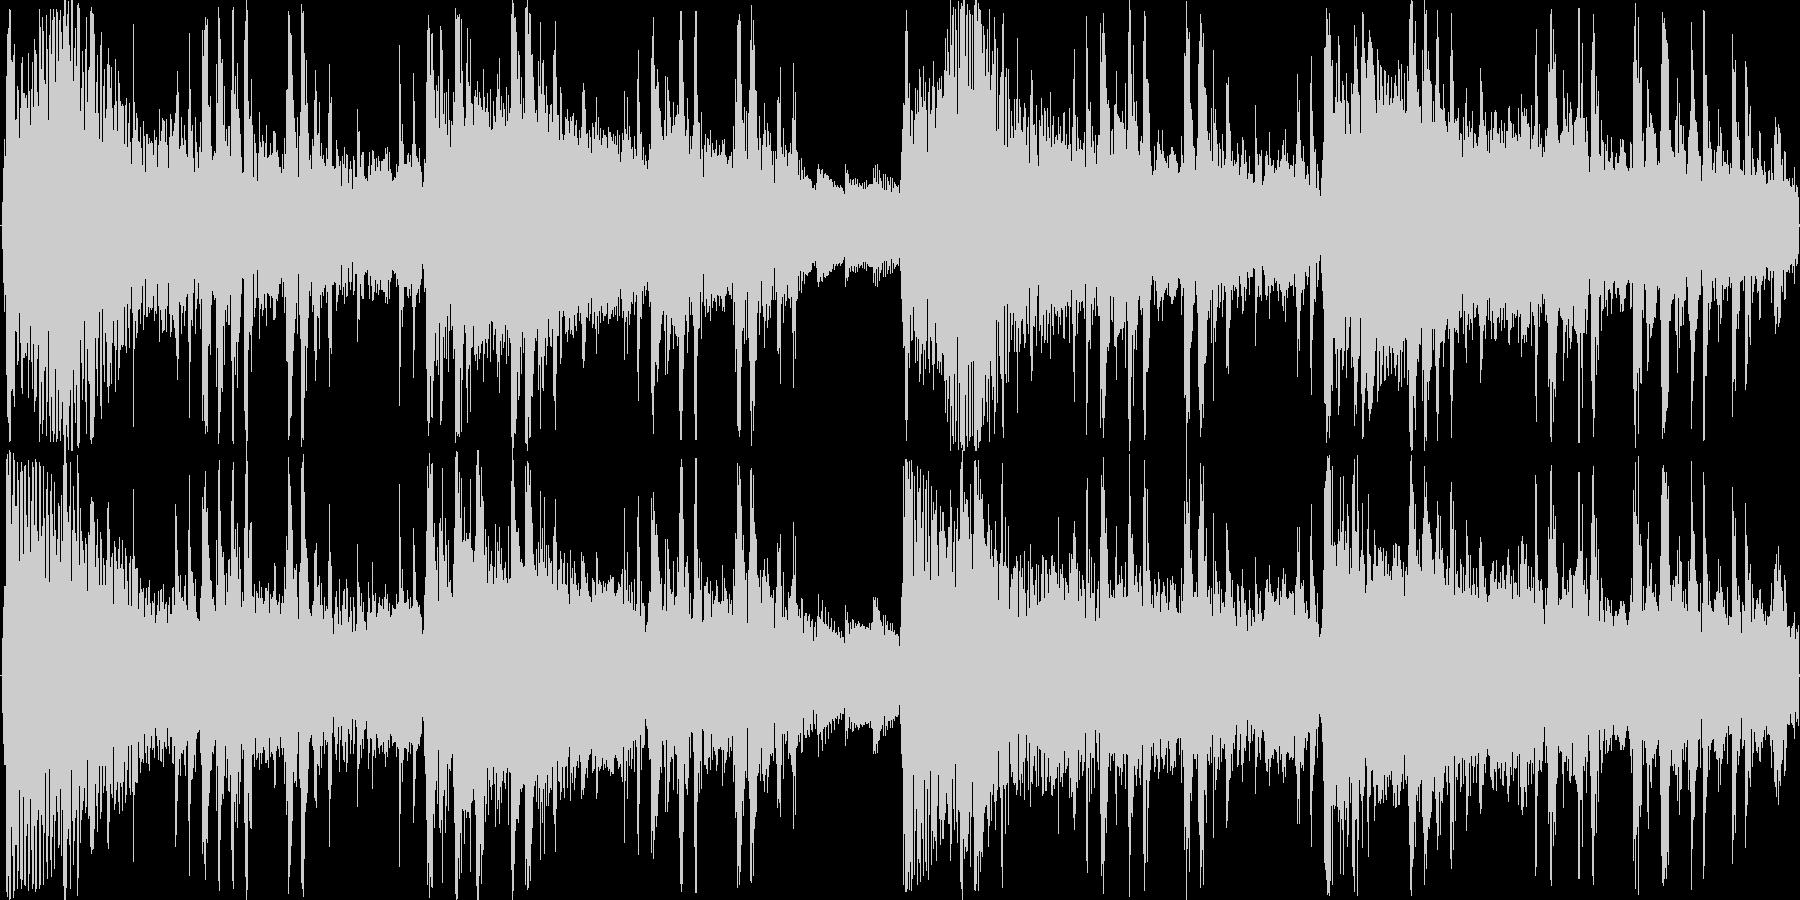 サンプリングボイスを用いたループテクノの未再生の波形